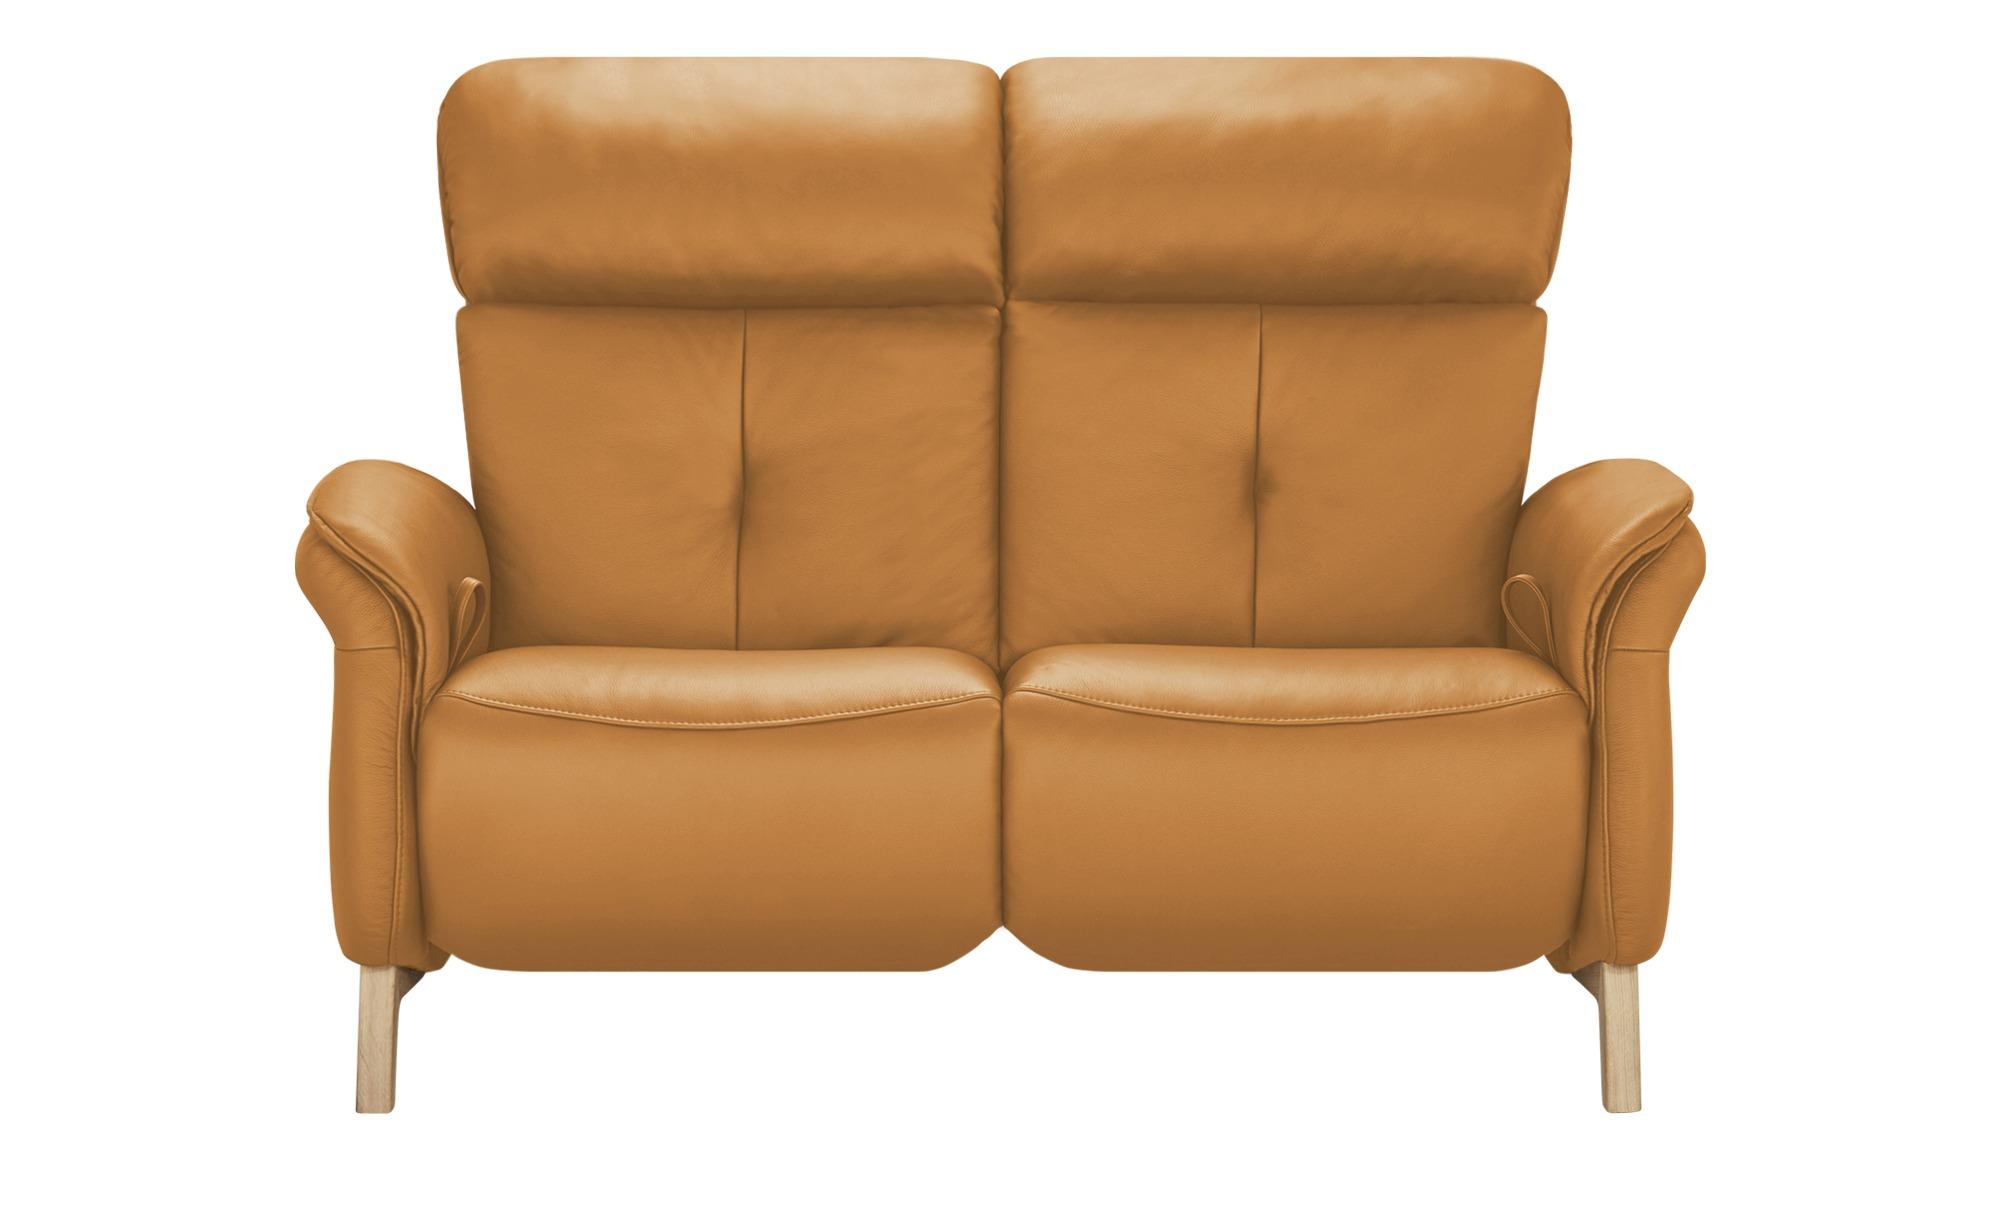 himolla Einzelsofa  4708 ¦ orange ¦ Maße (cm): B: 147 H: 97 T: 106 Polstermöbel > Sofas > 2-Sitzer - Höffner